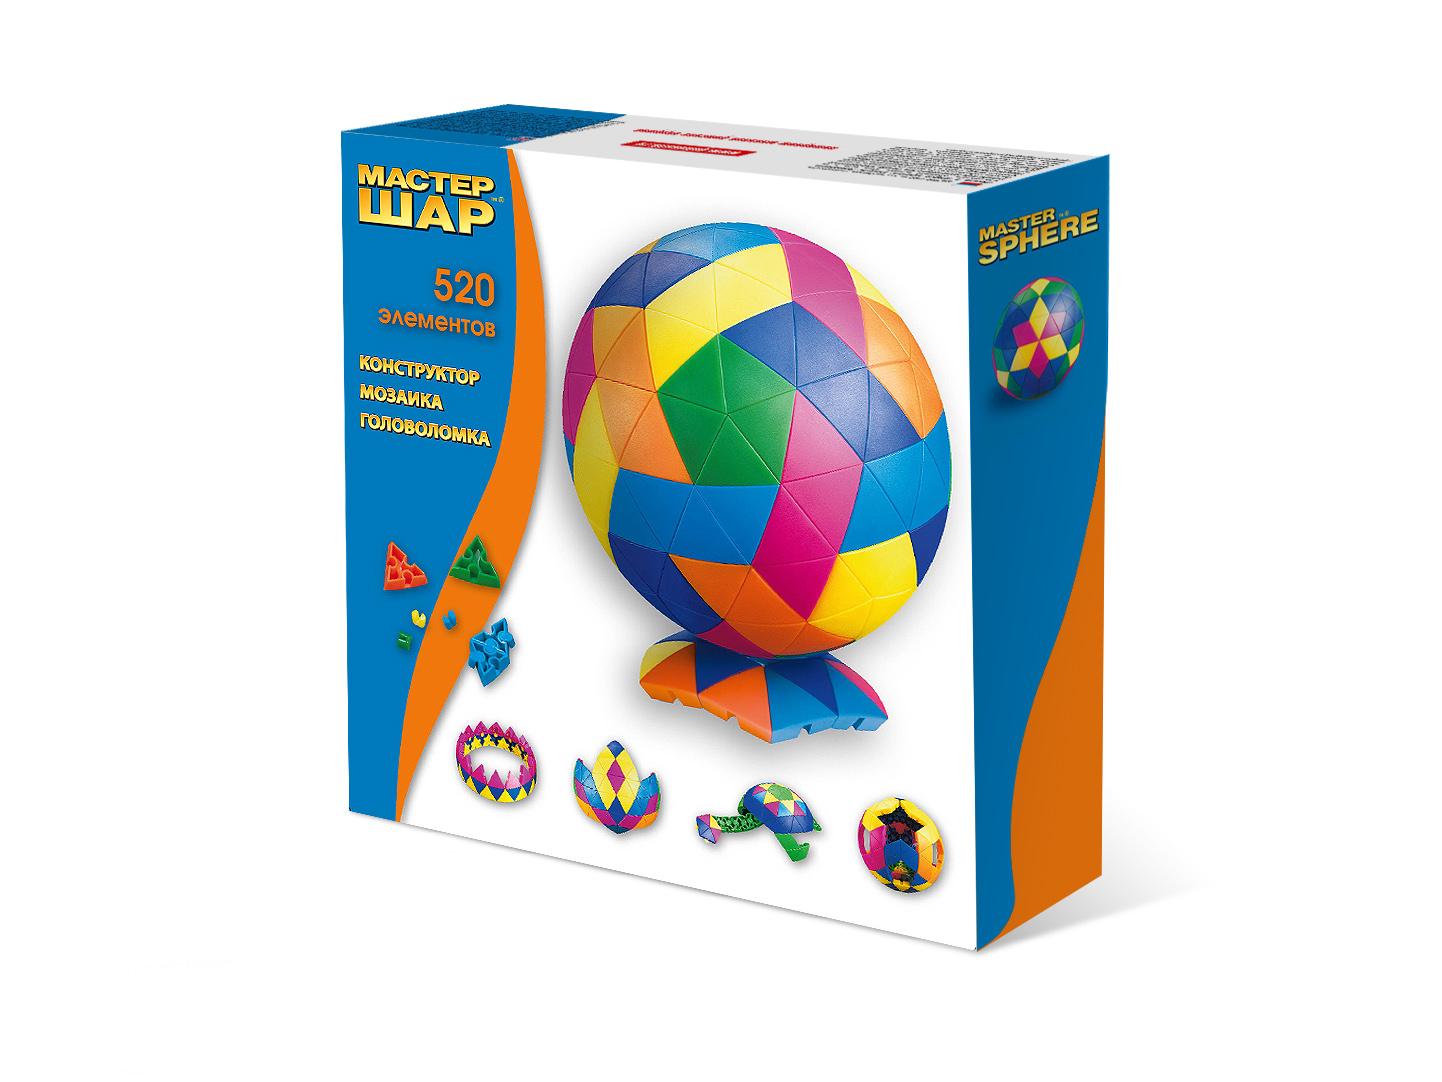 Конструктор объемный - Мастер шар, 520 деталейКонструкторы других производителей<br>Конструктор объемный - Мастер шар, 520 деталей<br>